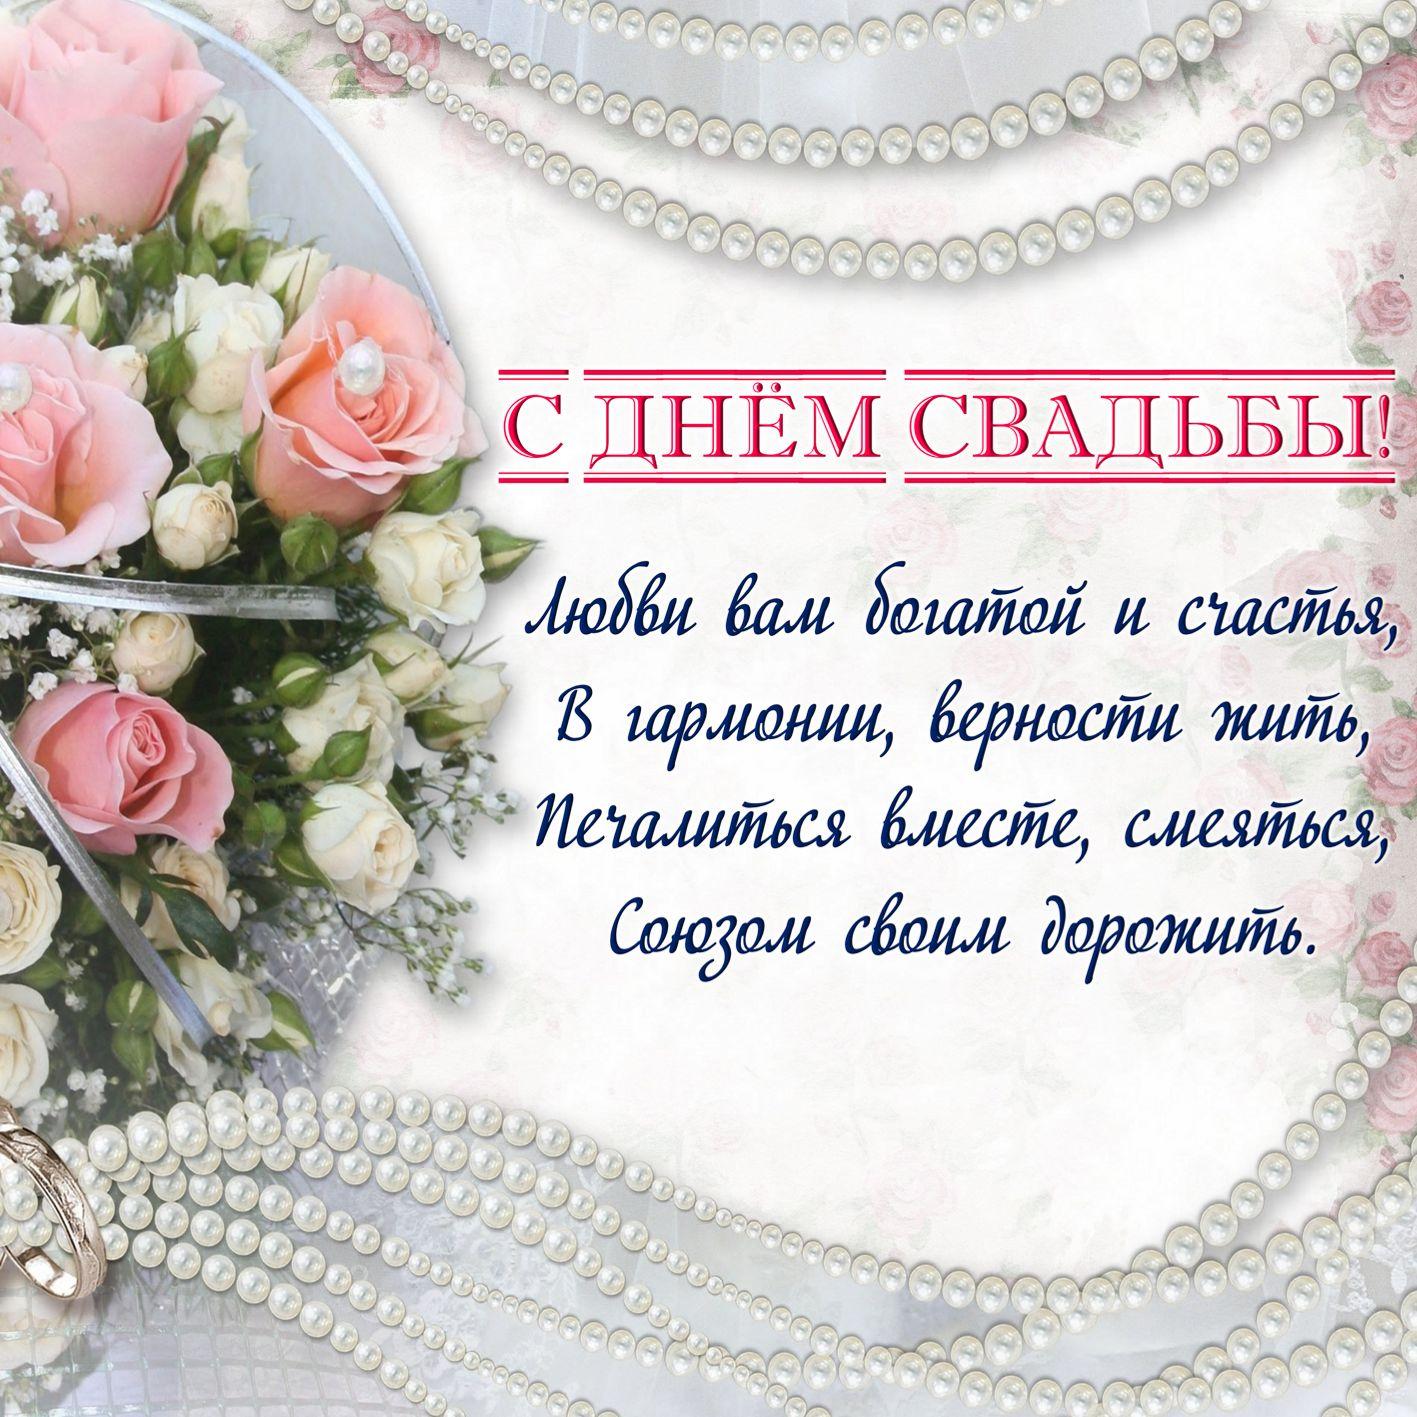 Поздравления к годовщине свадьбы смс короткие